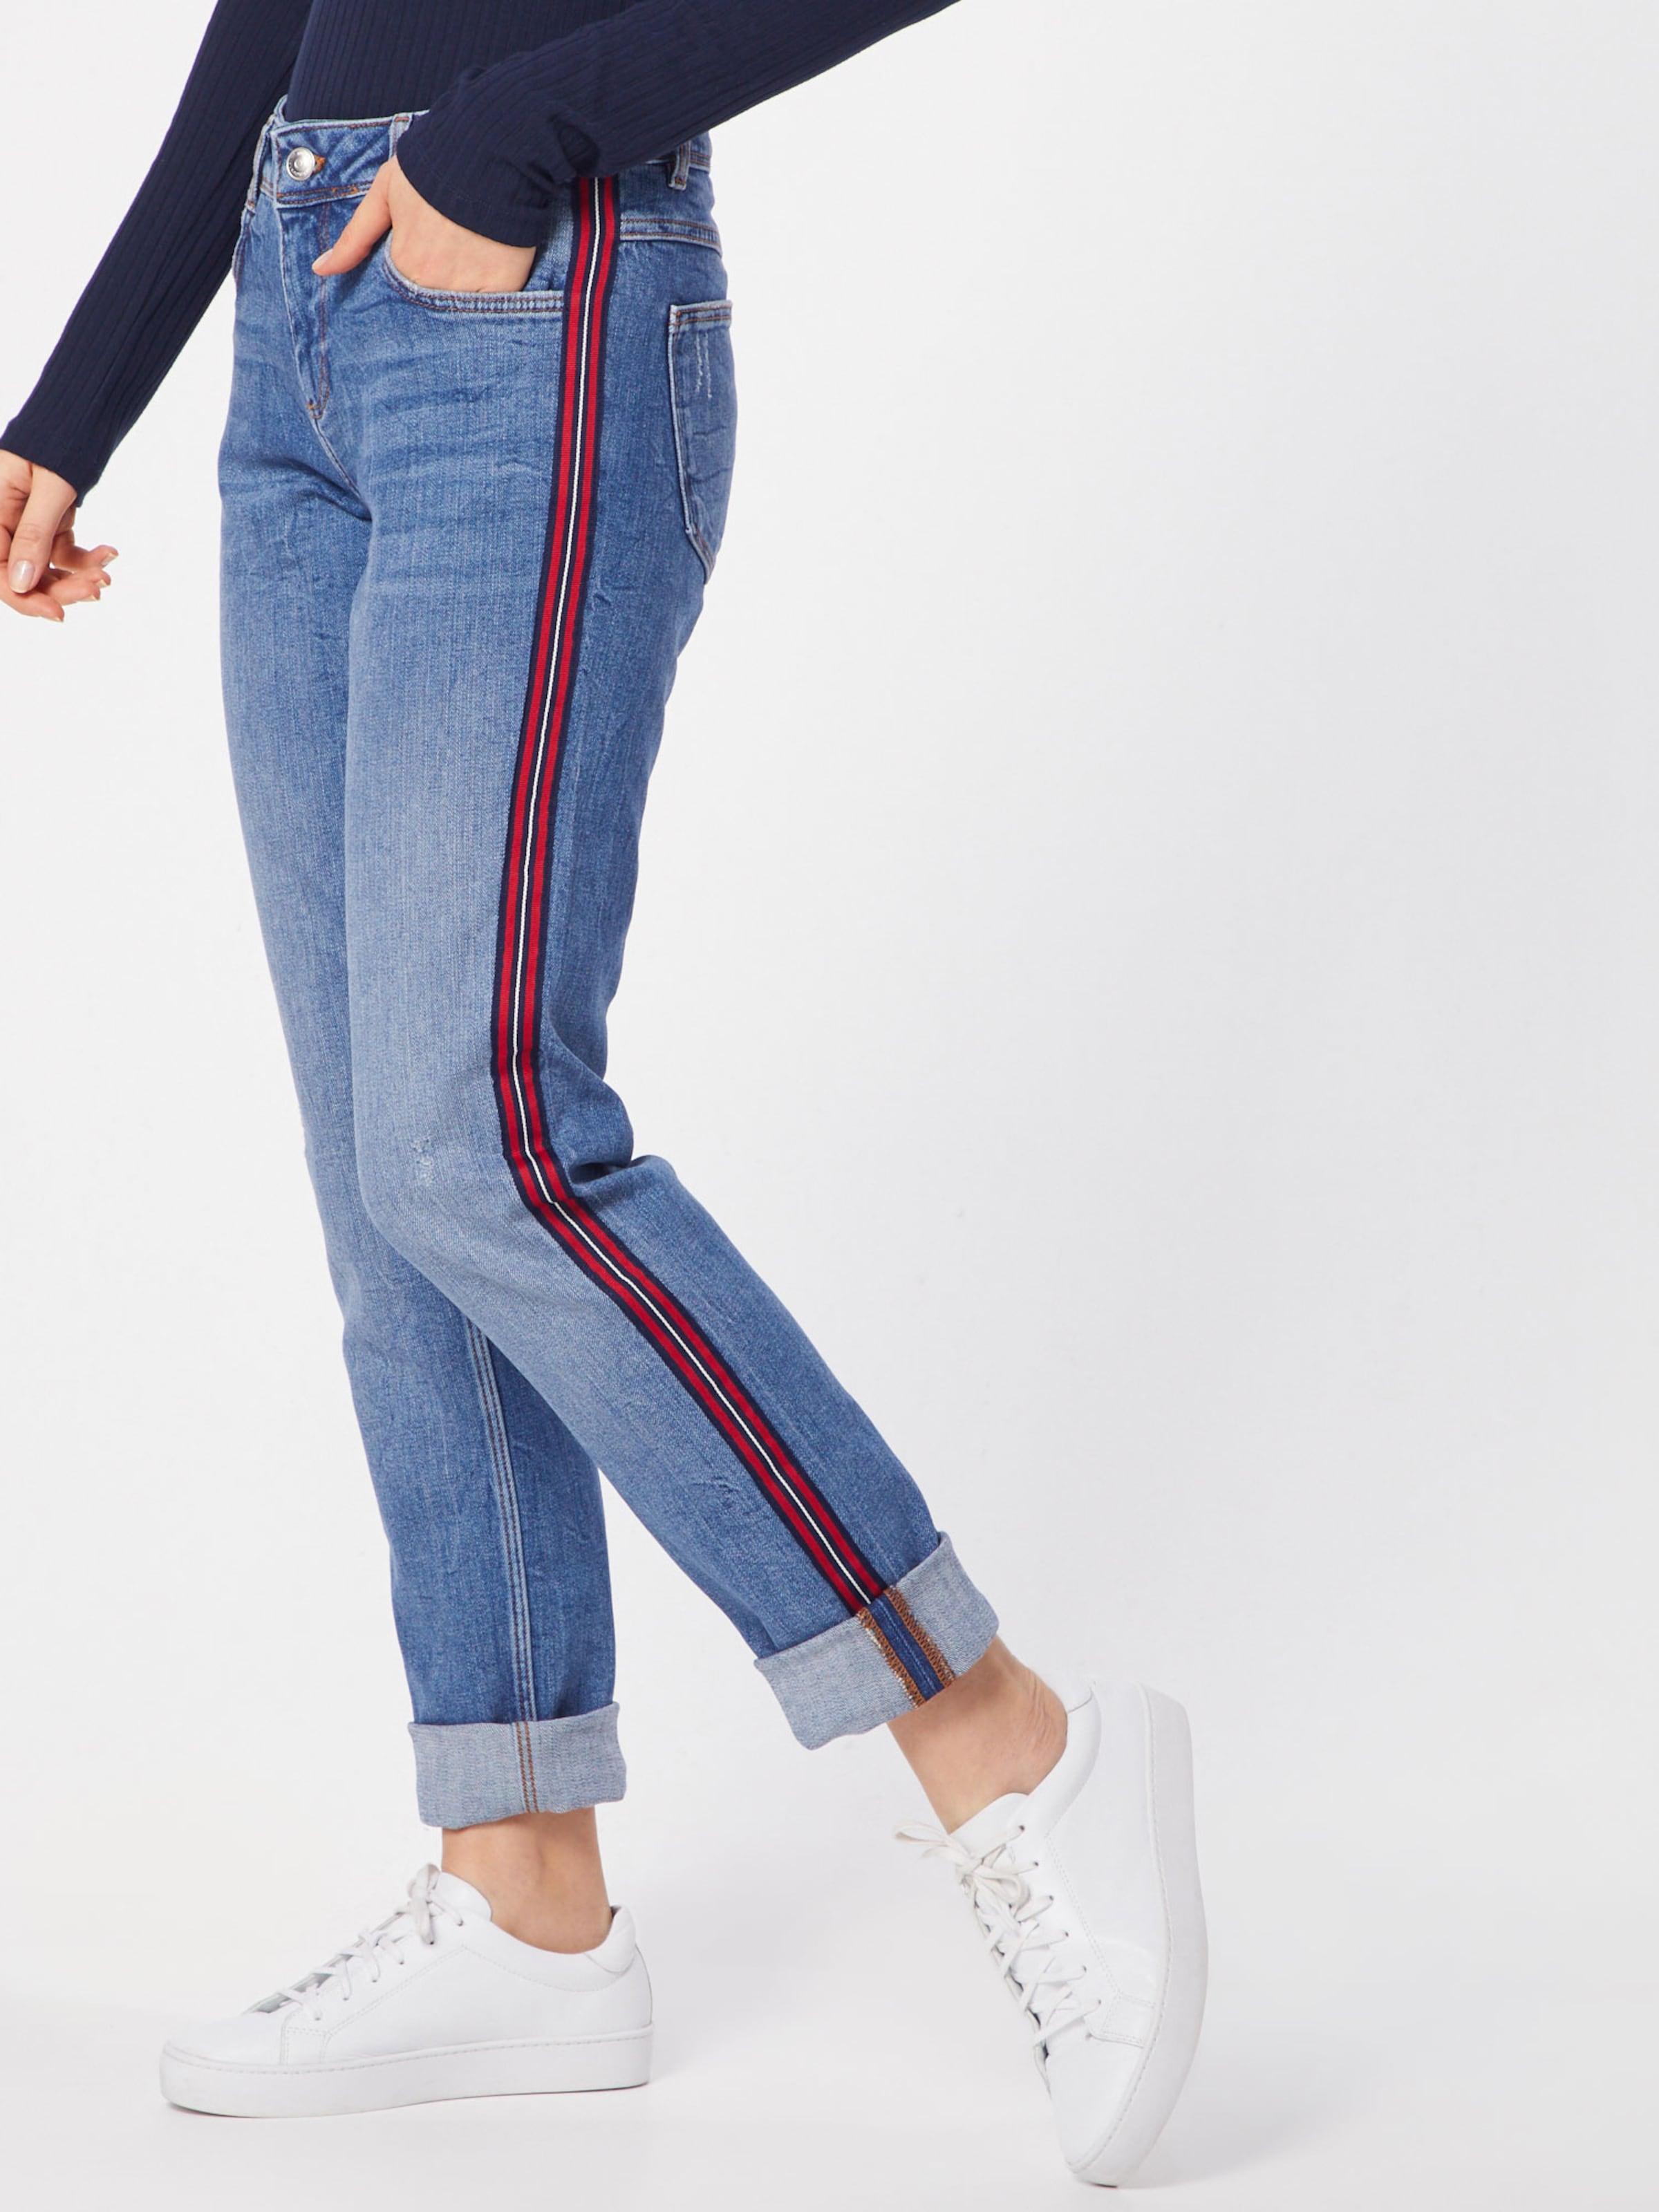 DenimRot Jeans oliver In S Blue OkPXn80w